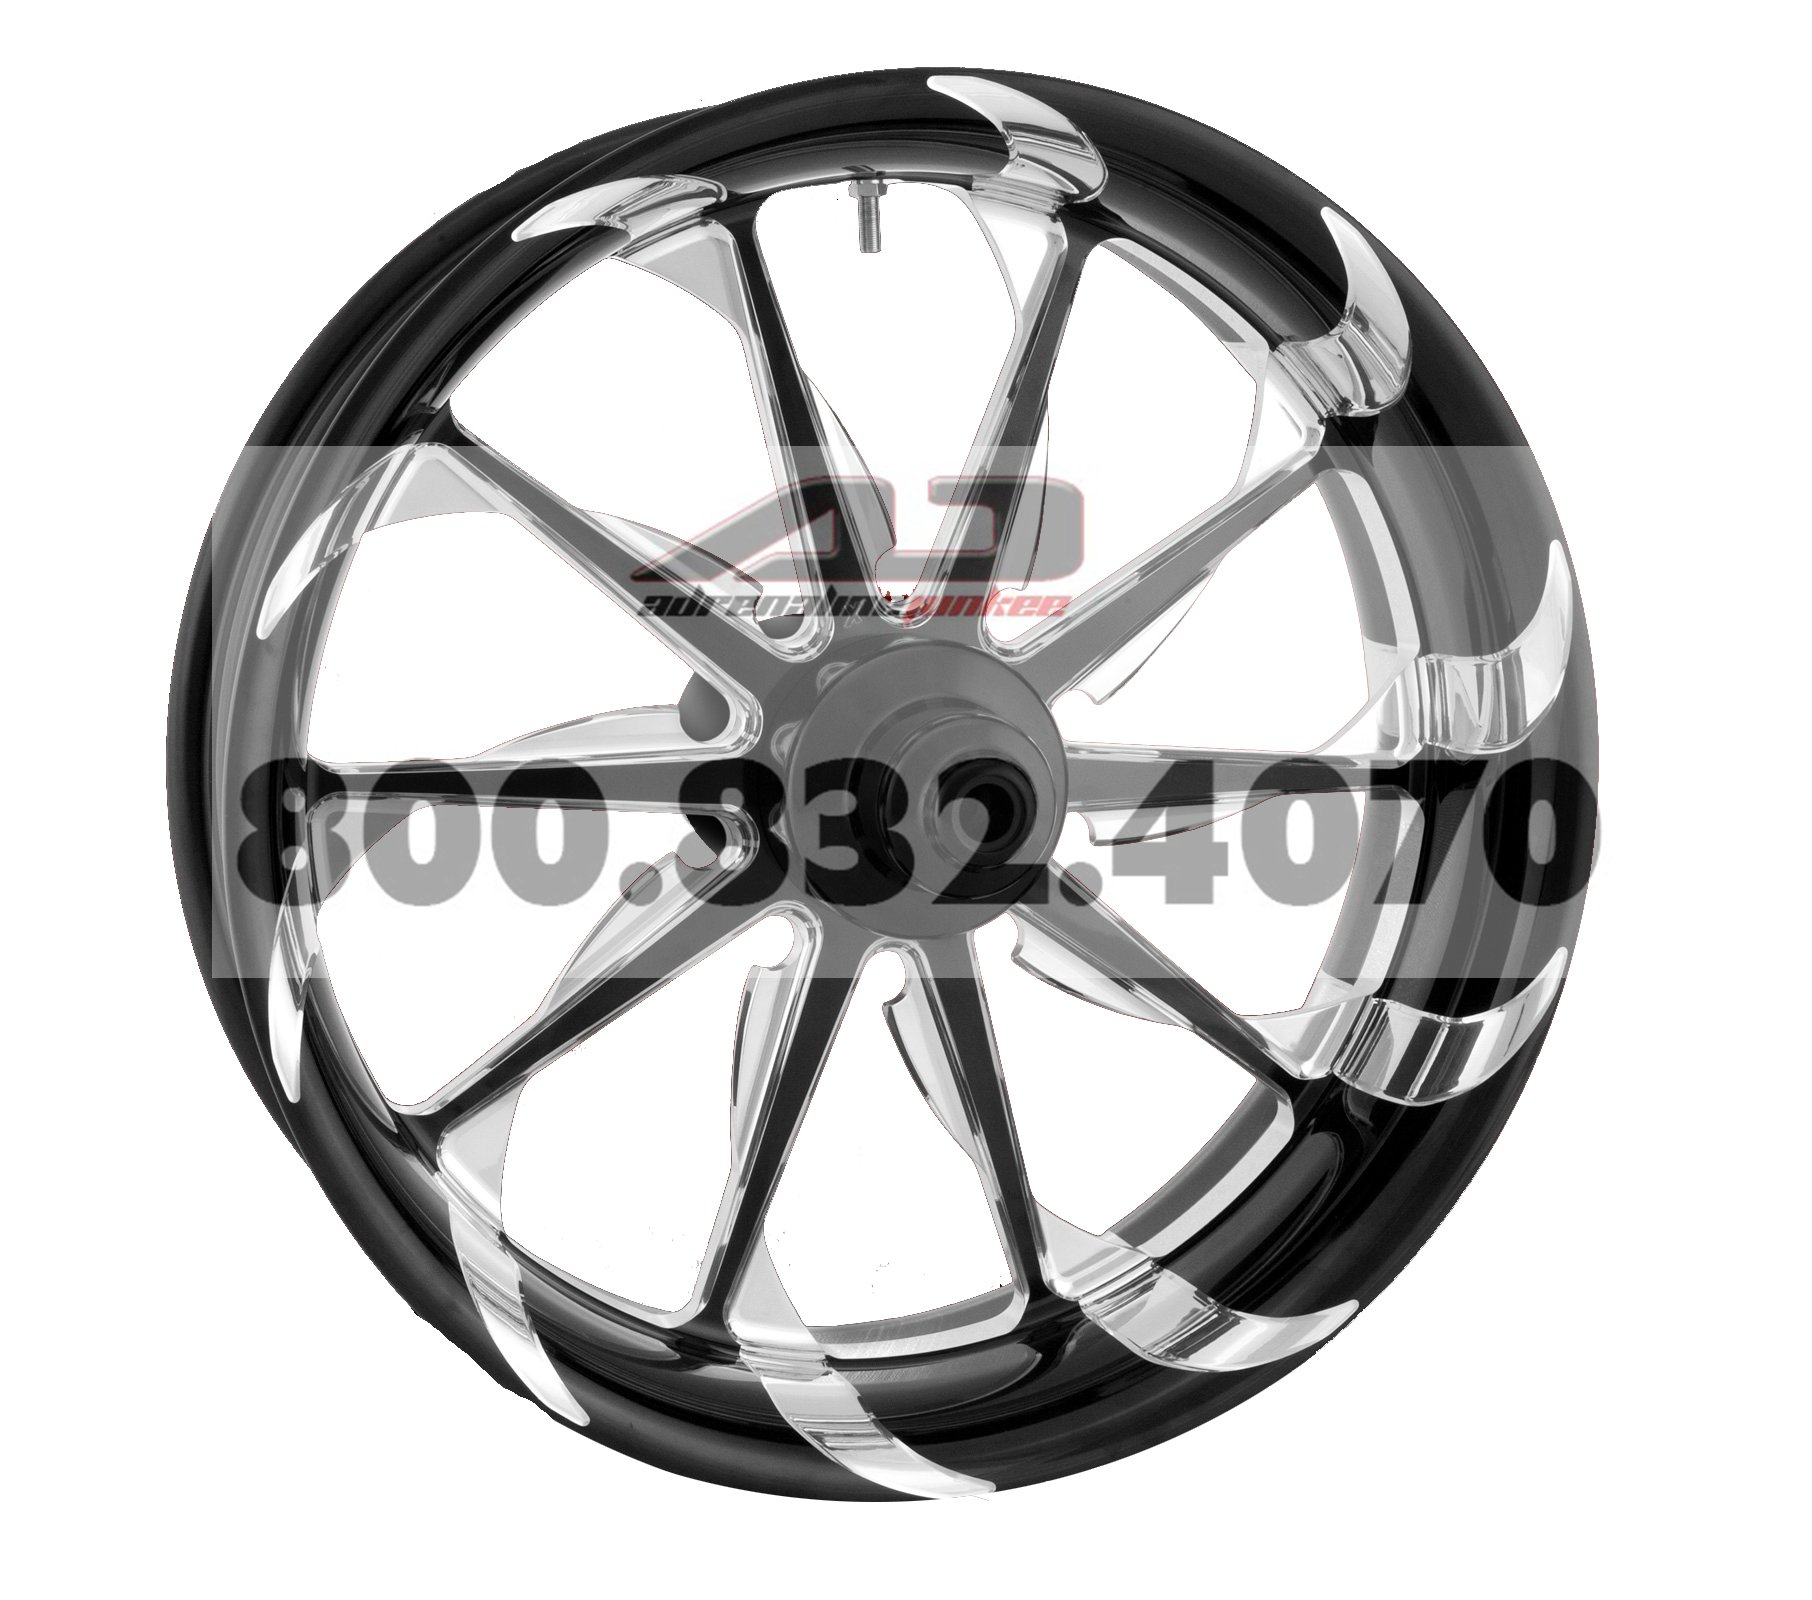 Xtreme Machine Launch Single Disc Front Wheel - 18x3.5 - Black Cut Xquisite , Color: Black, Position: Front, Rim Size: 18 1245-7806R-XLA-BMP by Xtreme Machine